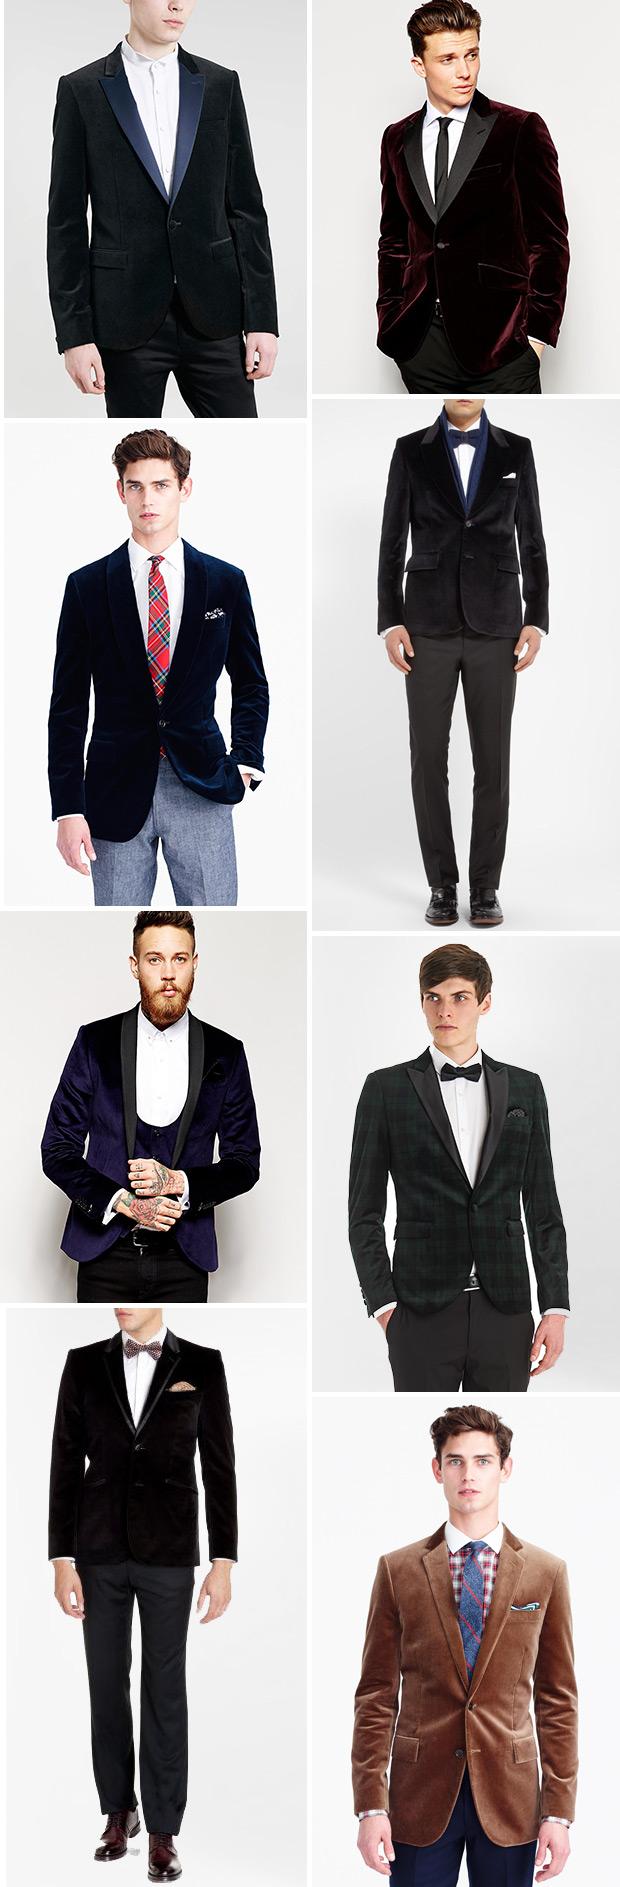 Where to buy velvet blazers for the groom | www.onefabday.com